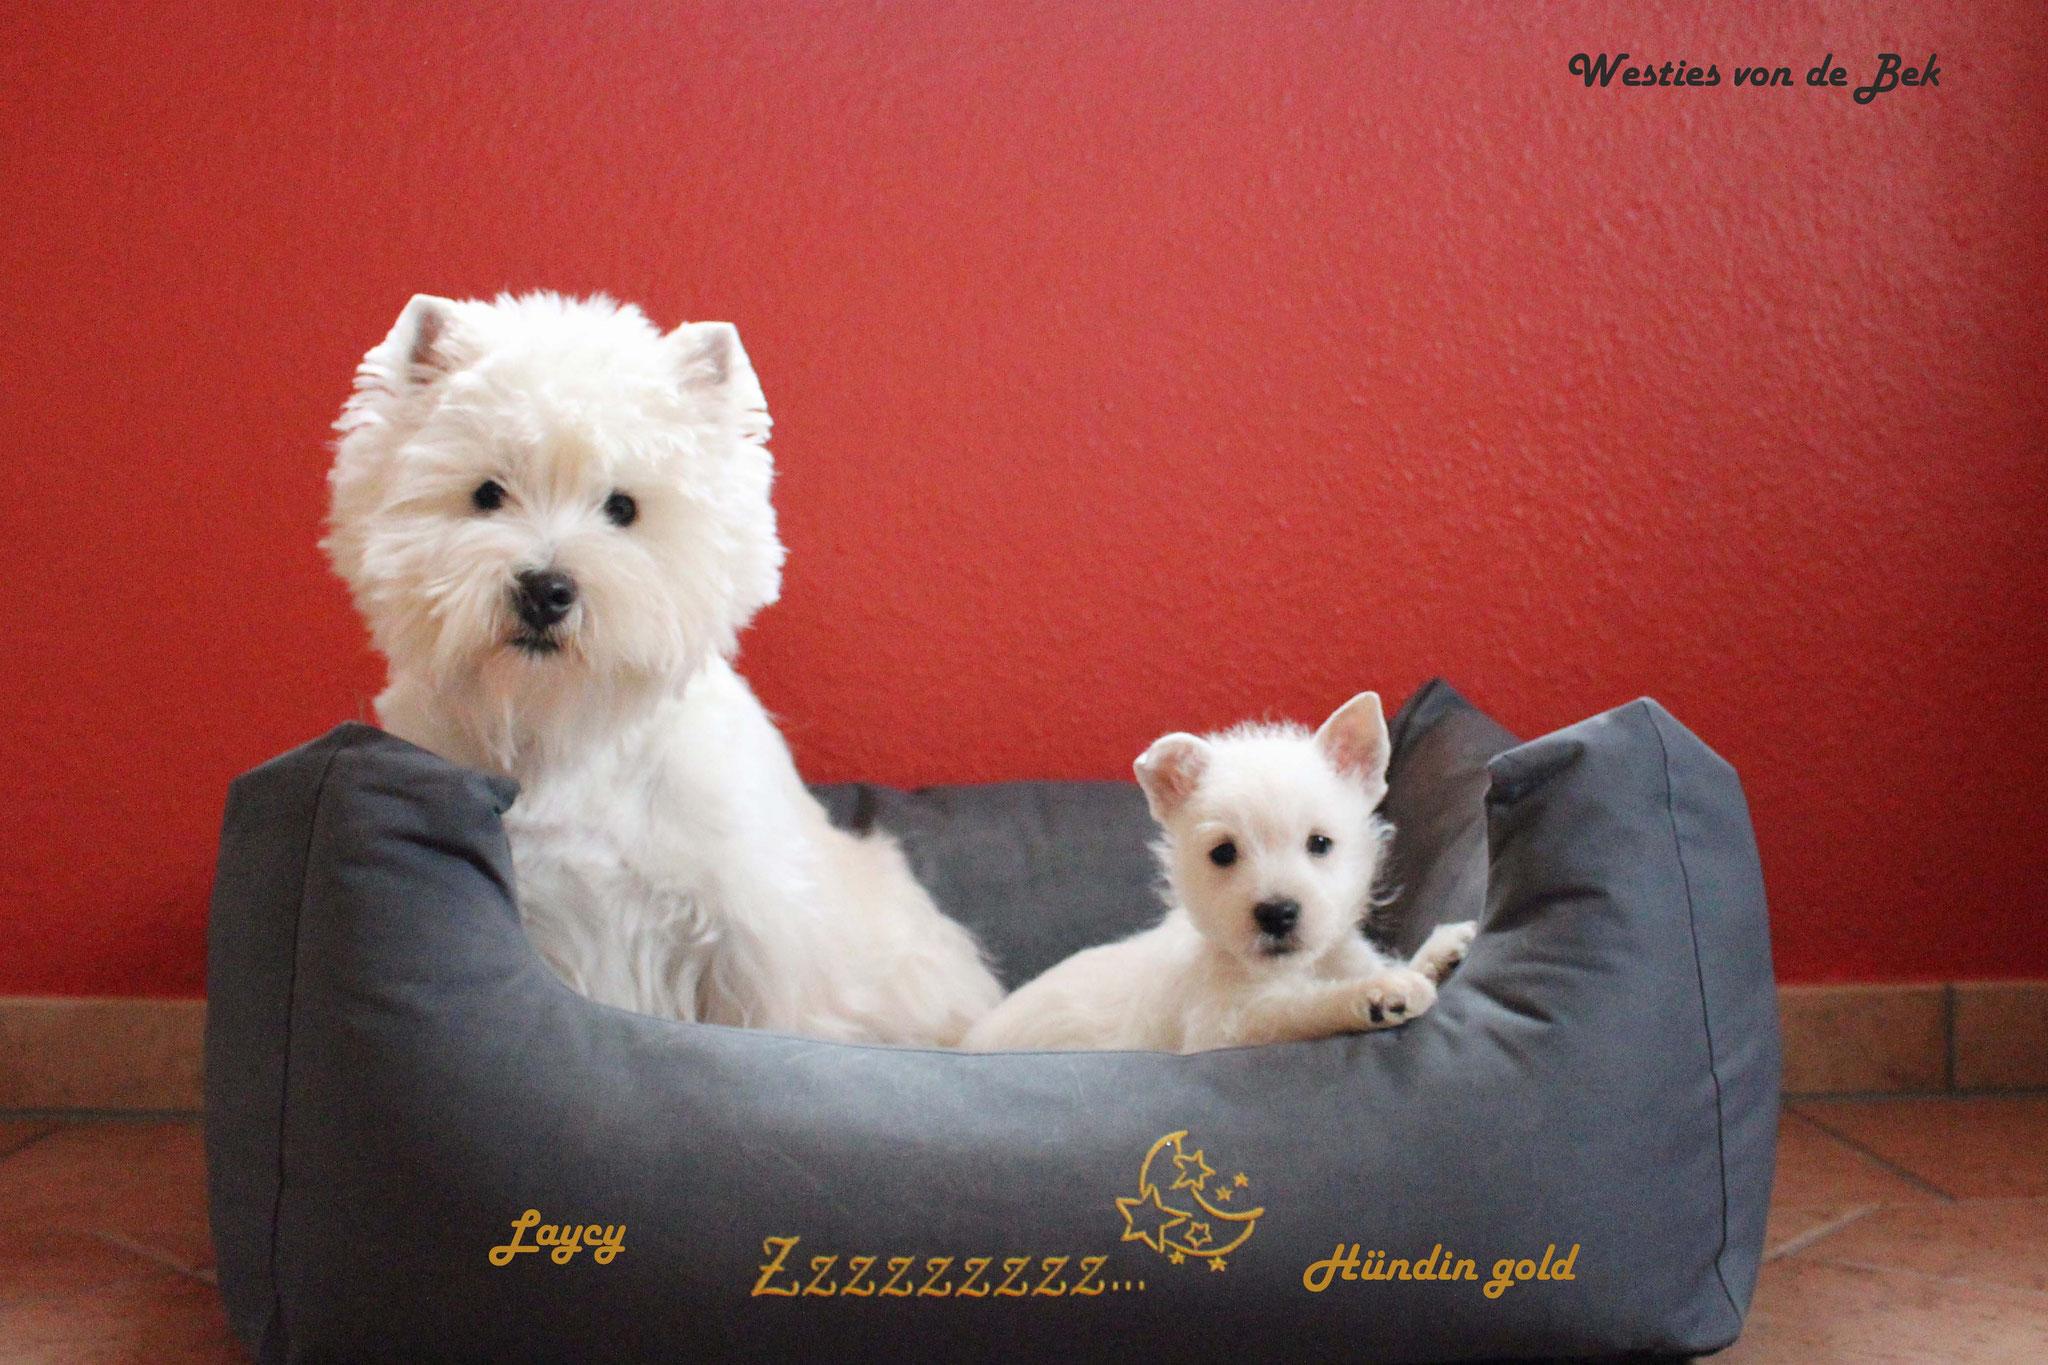 Hündin gold 8 Wochen alt und Laycy